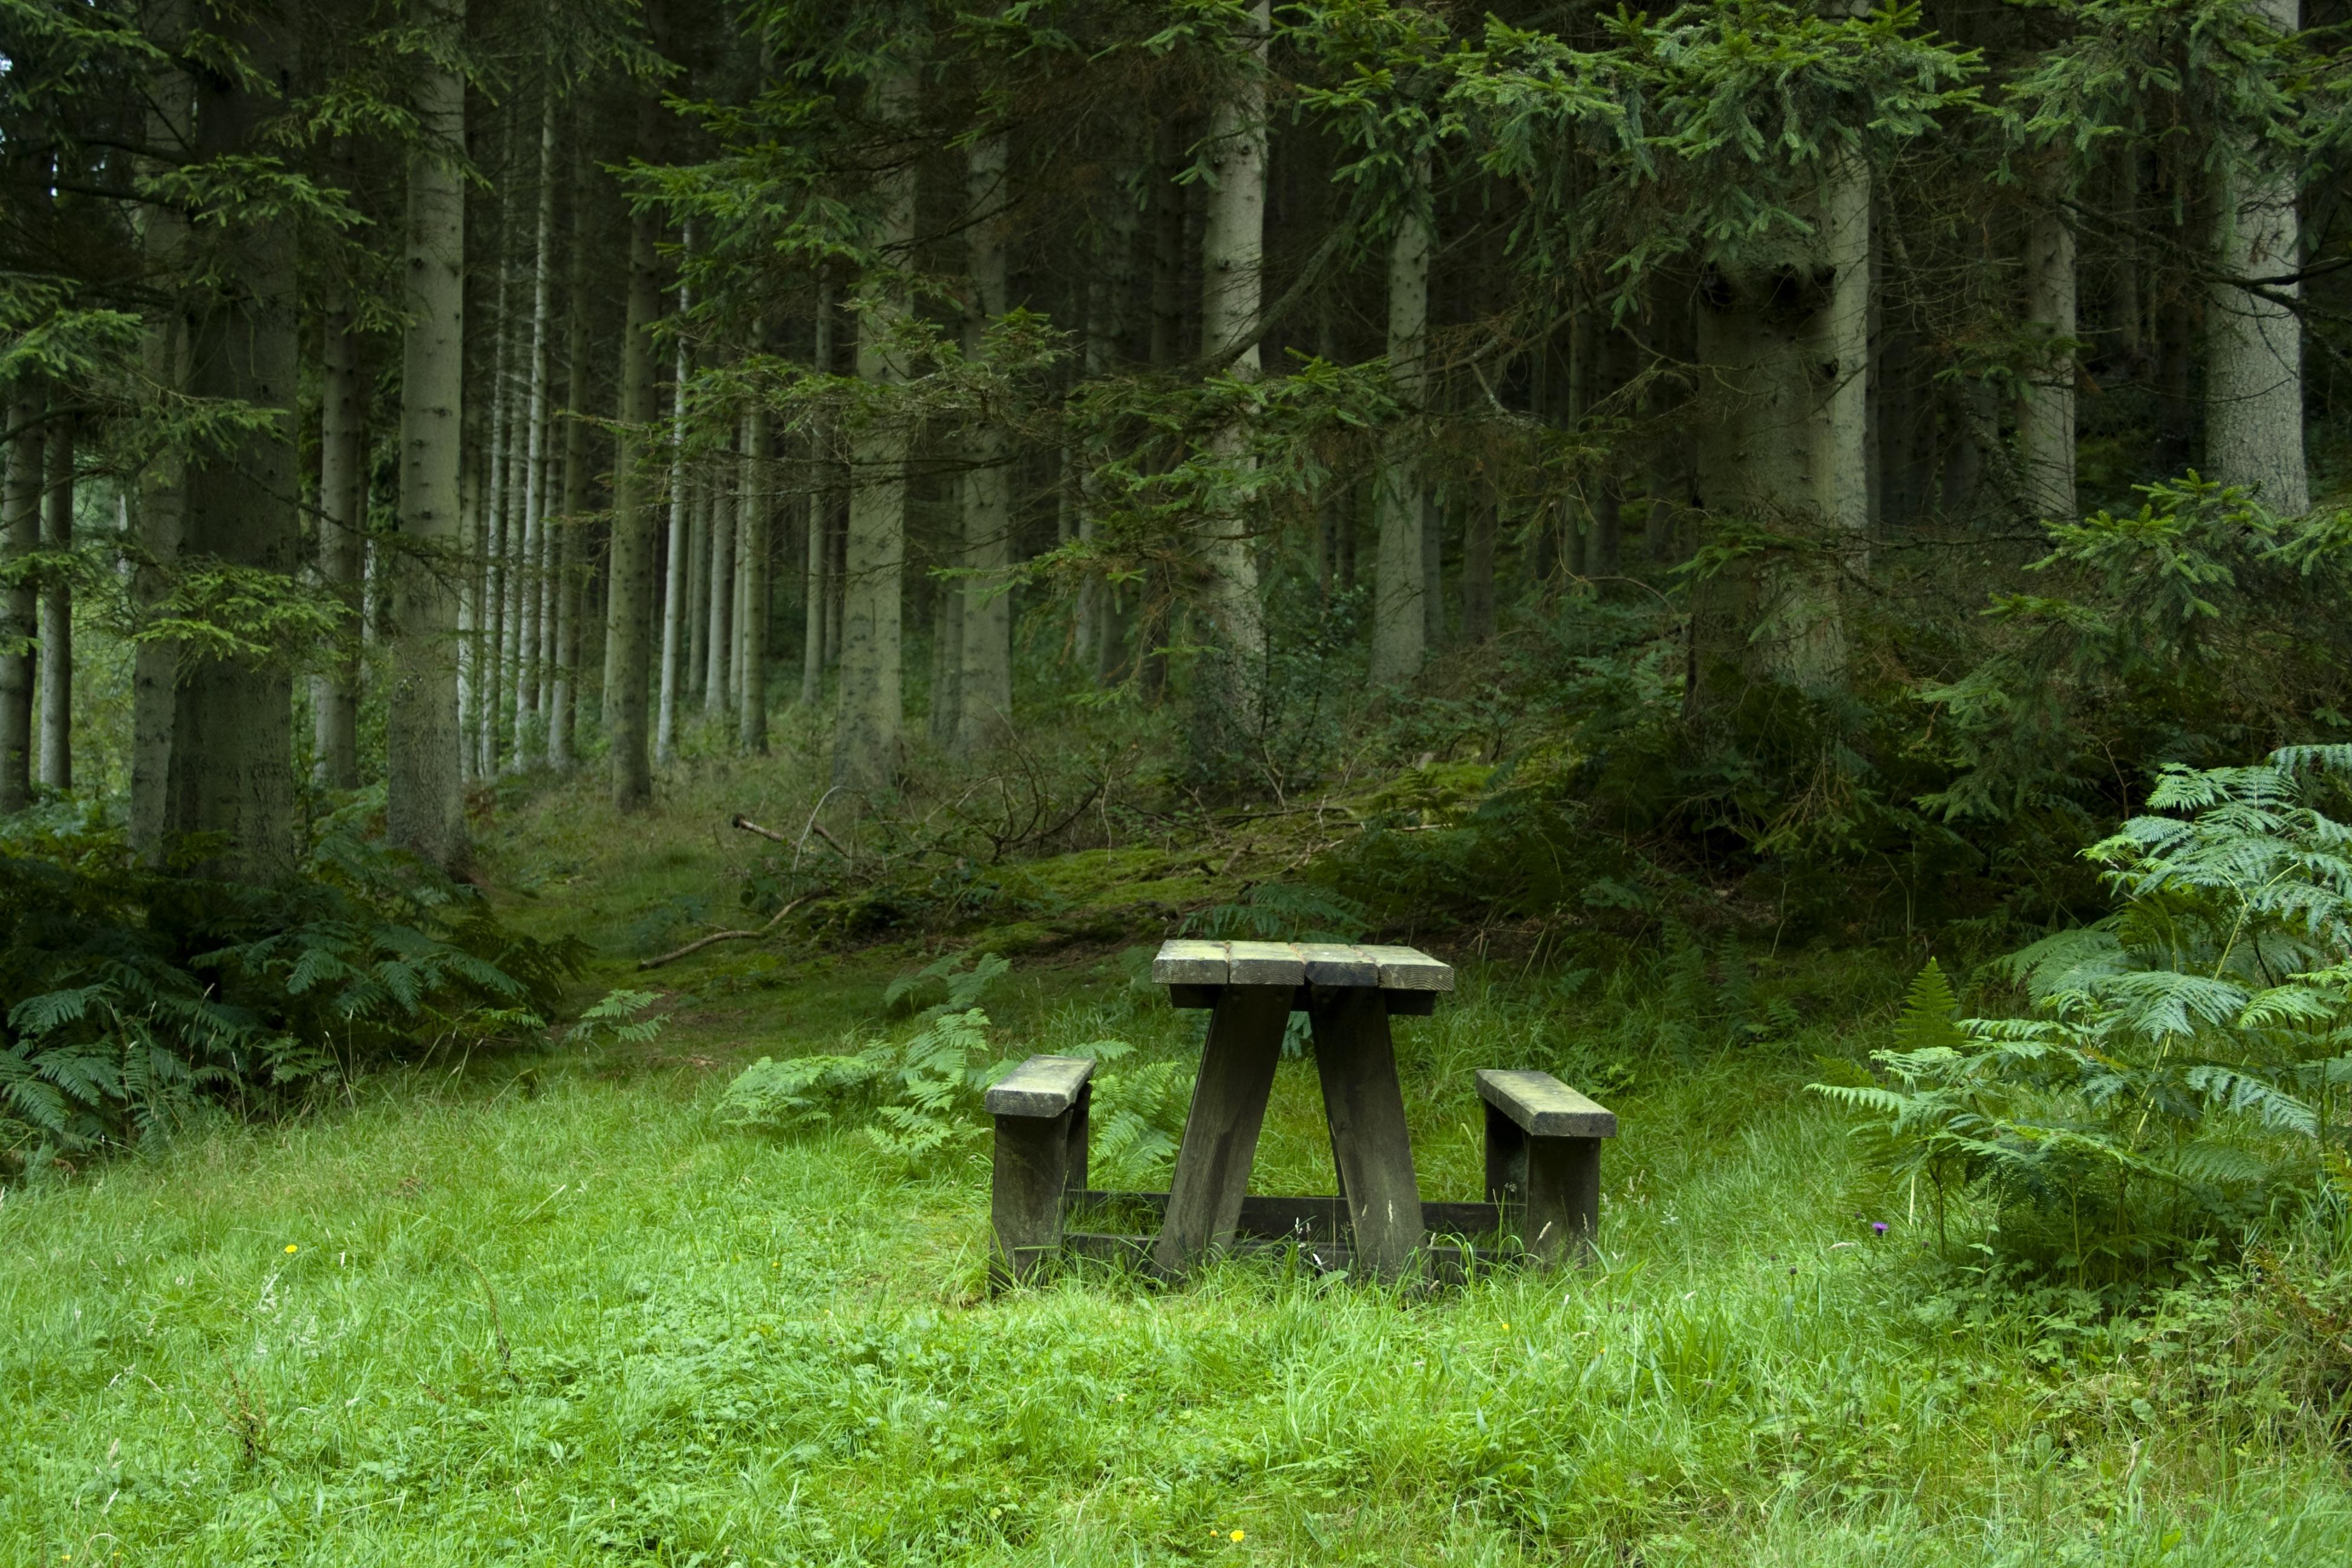 125996 скачать обои Пейзаж, Поляна, Природа, Лес, Столик, Лавочки - заставки и картинки бесплатно